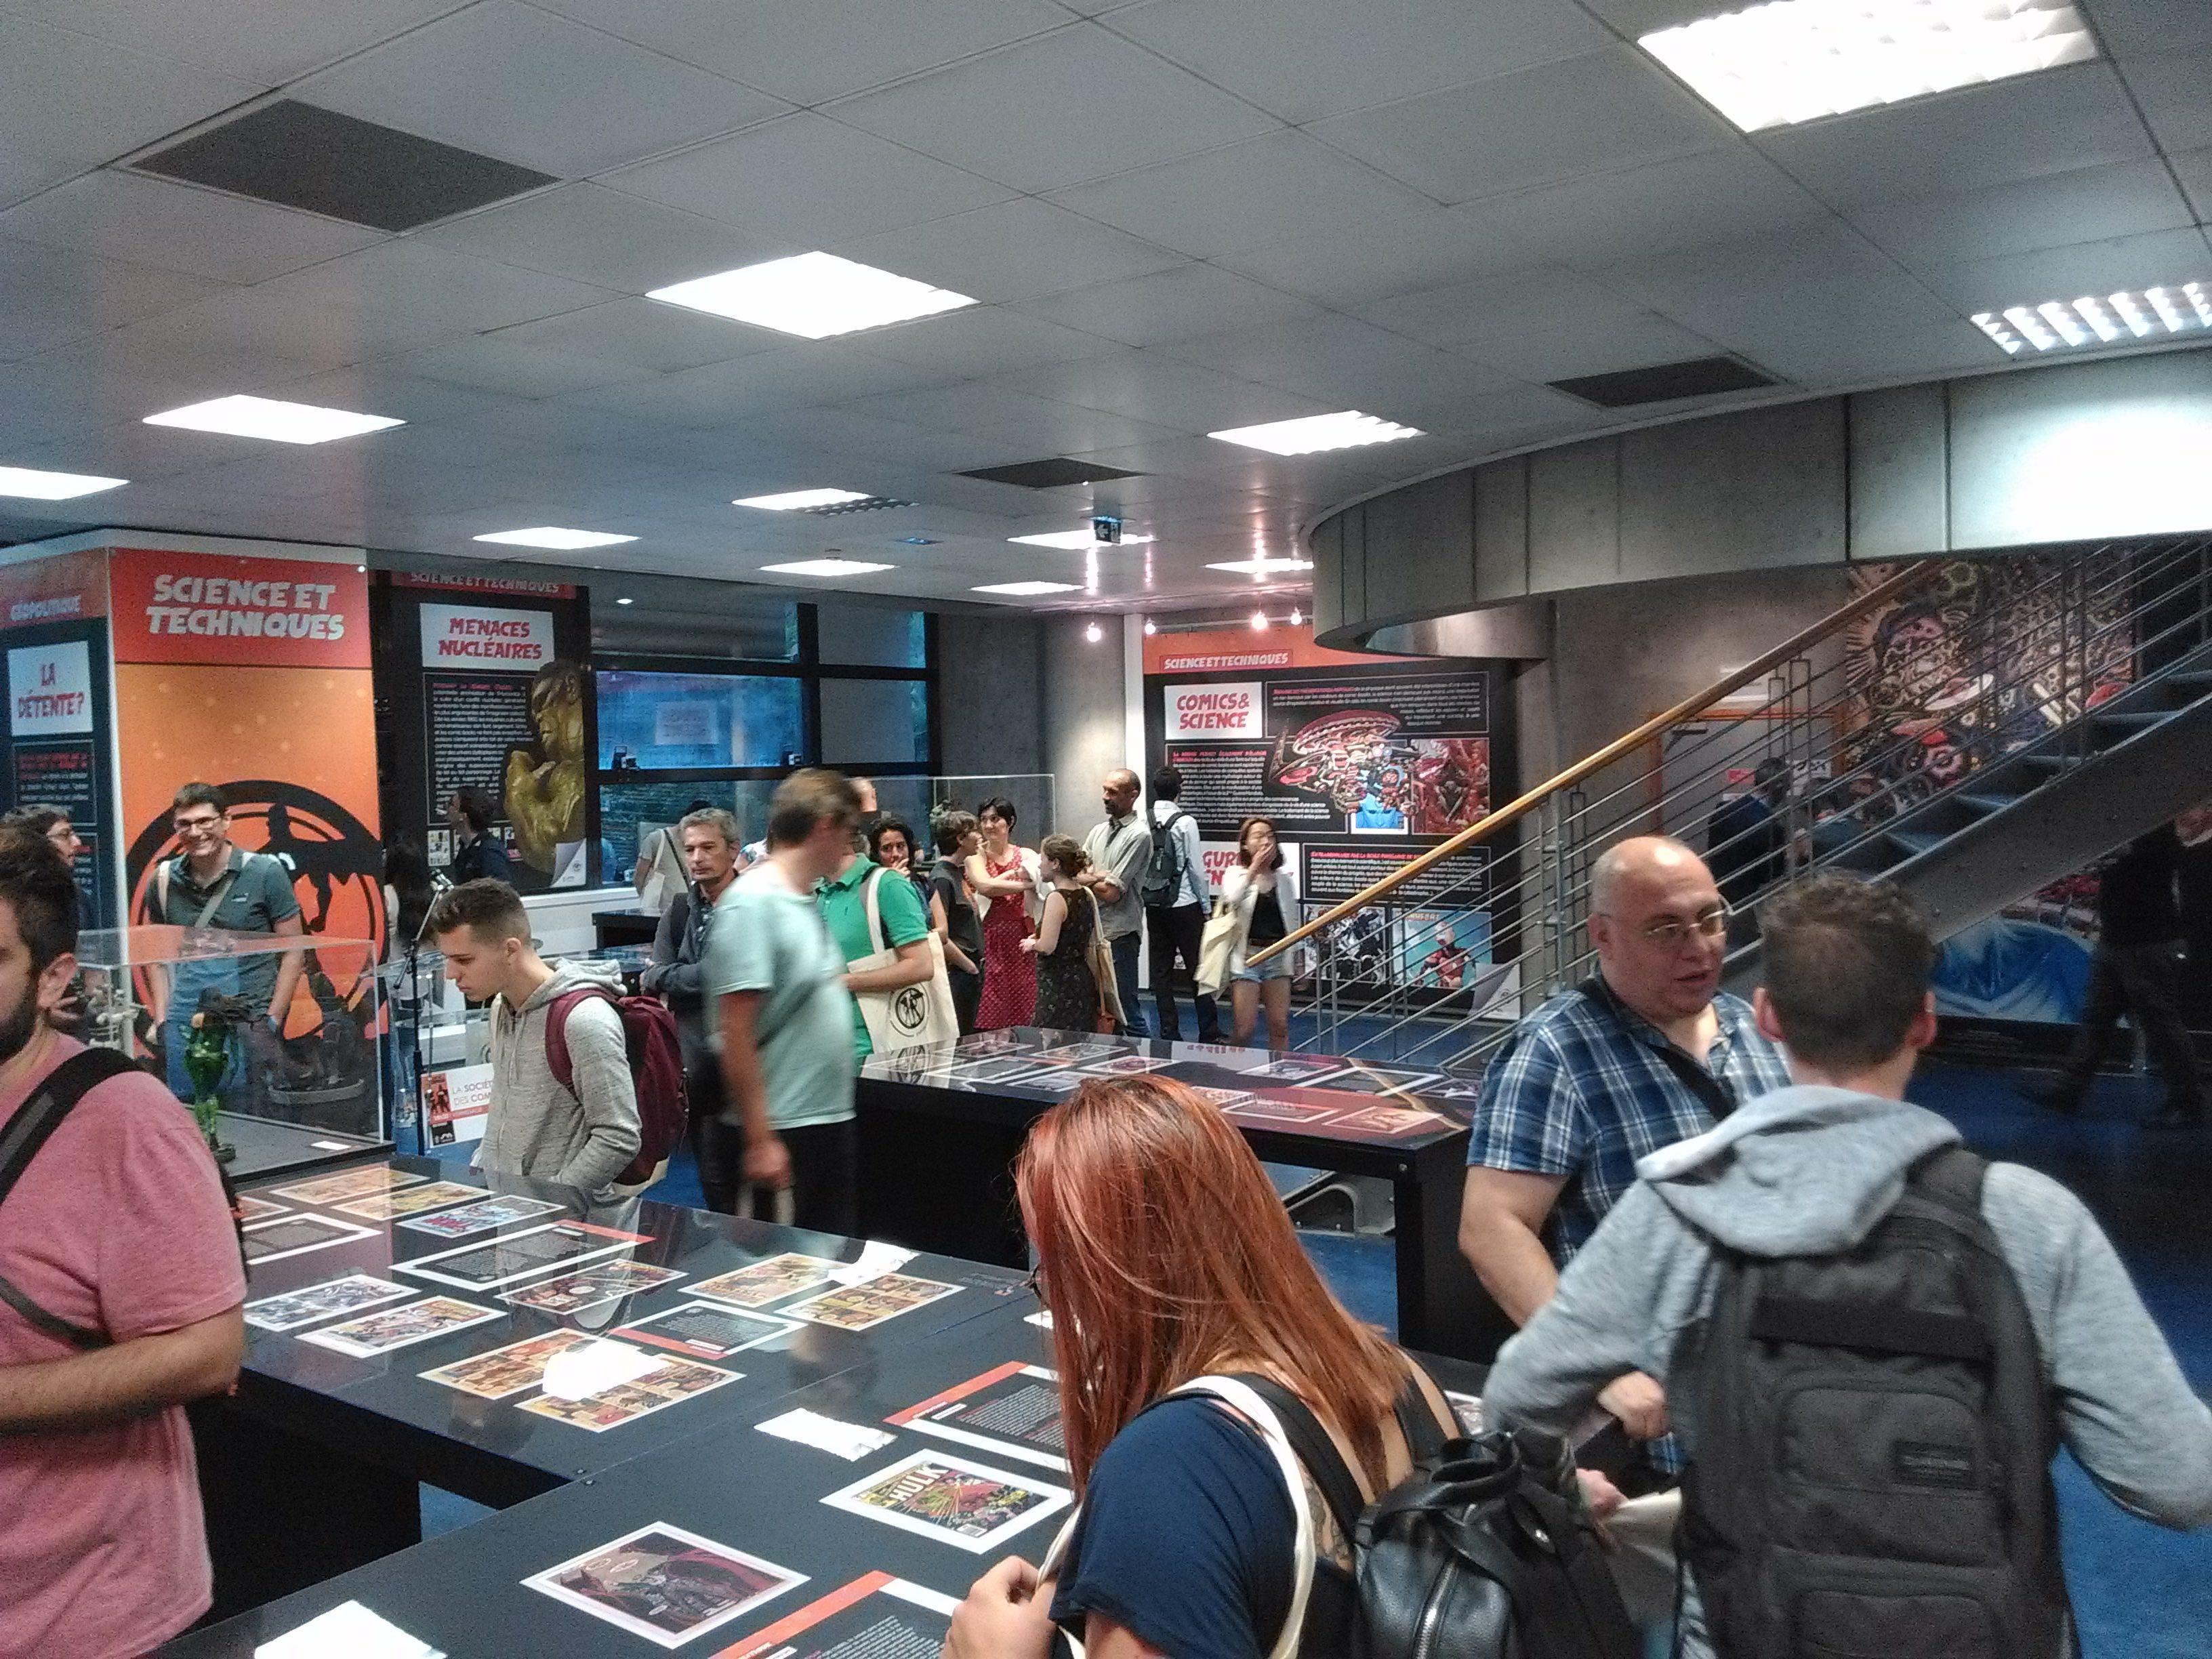 Societe comics expo 6